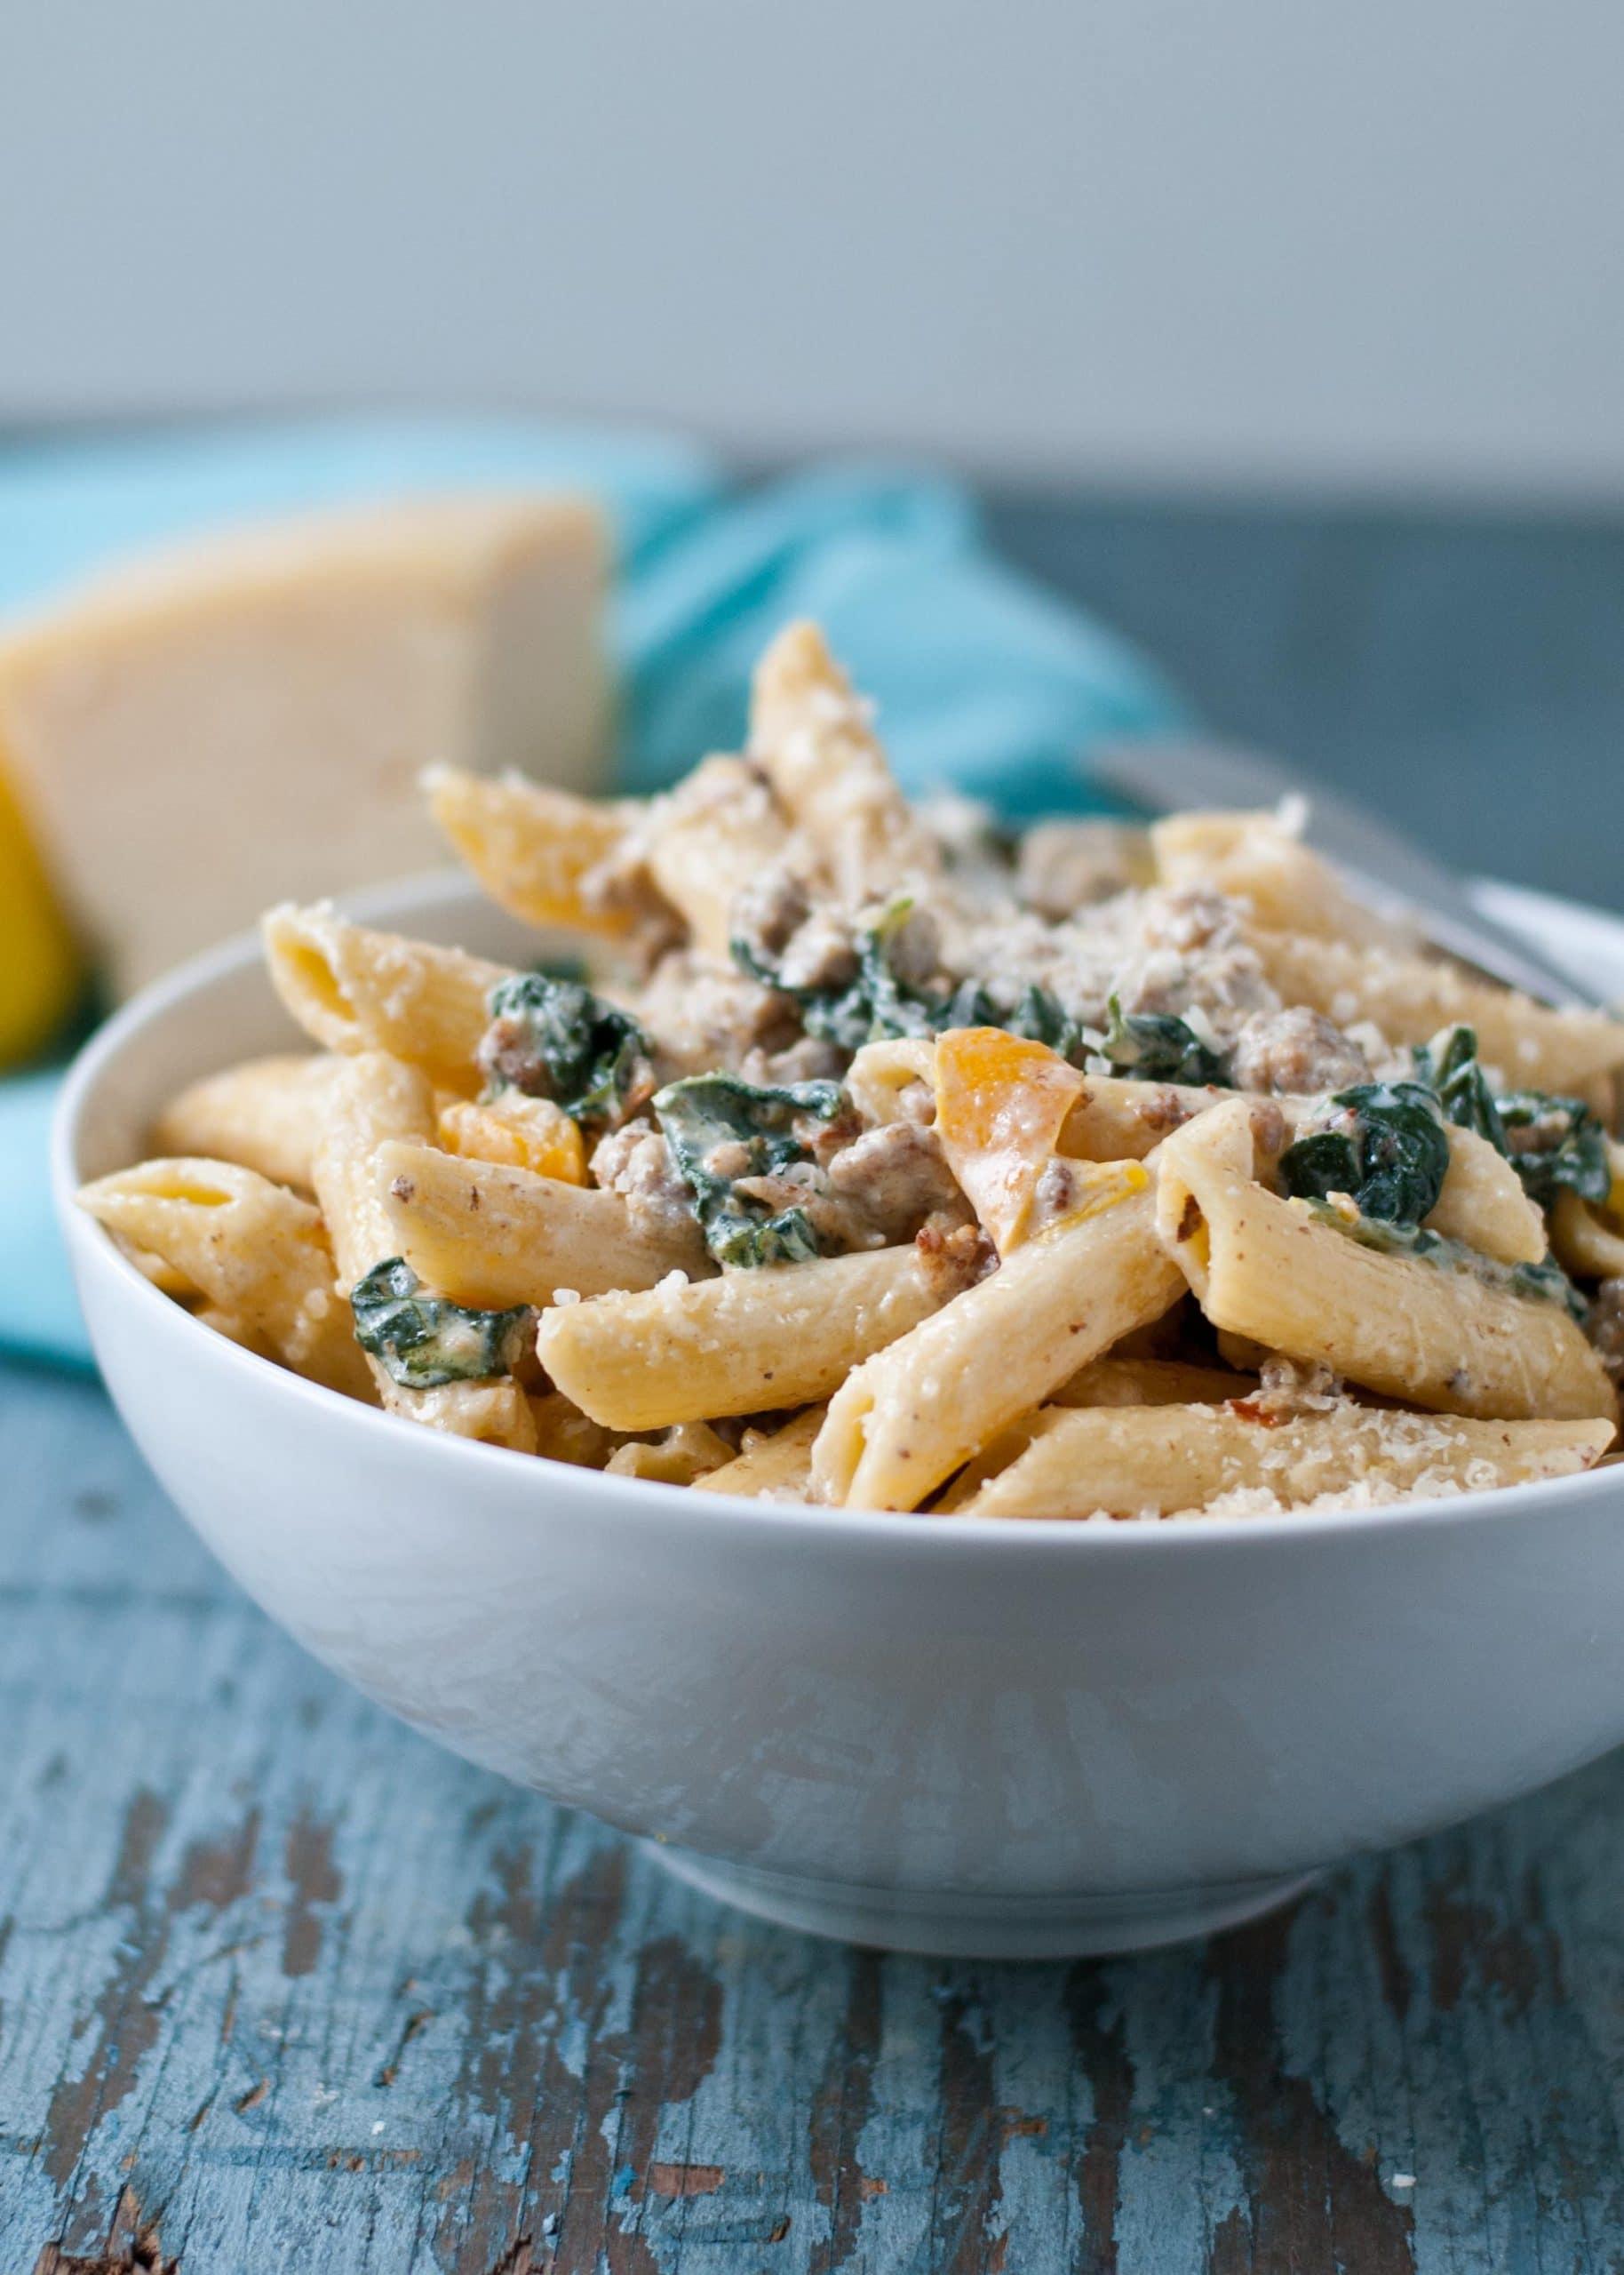 Creamy Parmesan, Kale, and Sausage Pasta | Neighborfoodblog.com